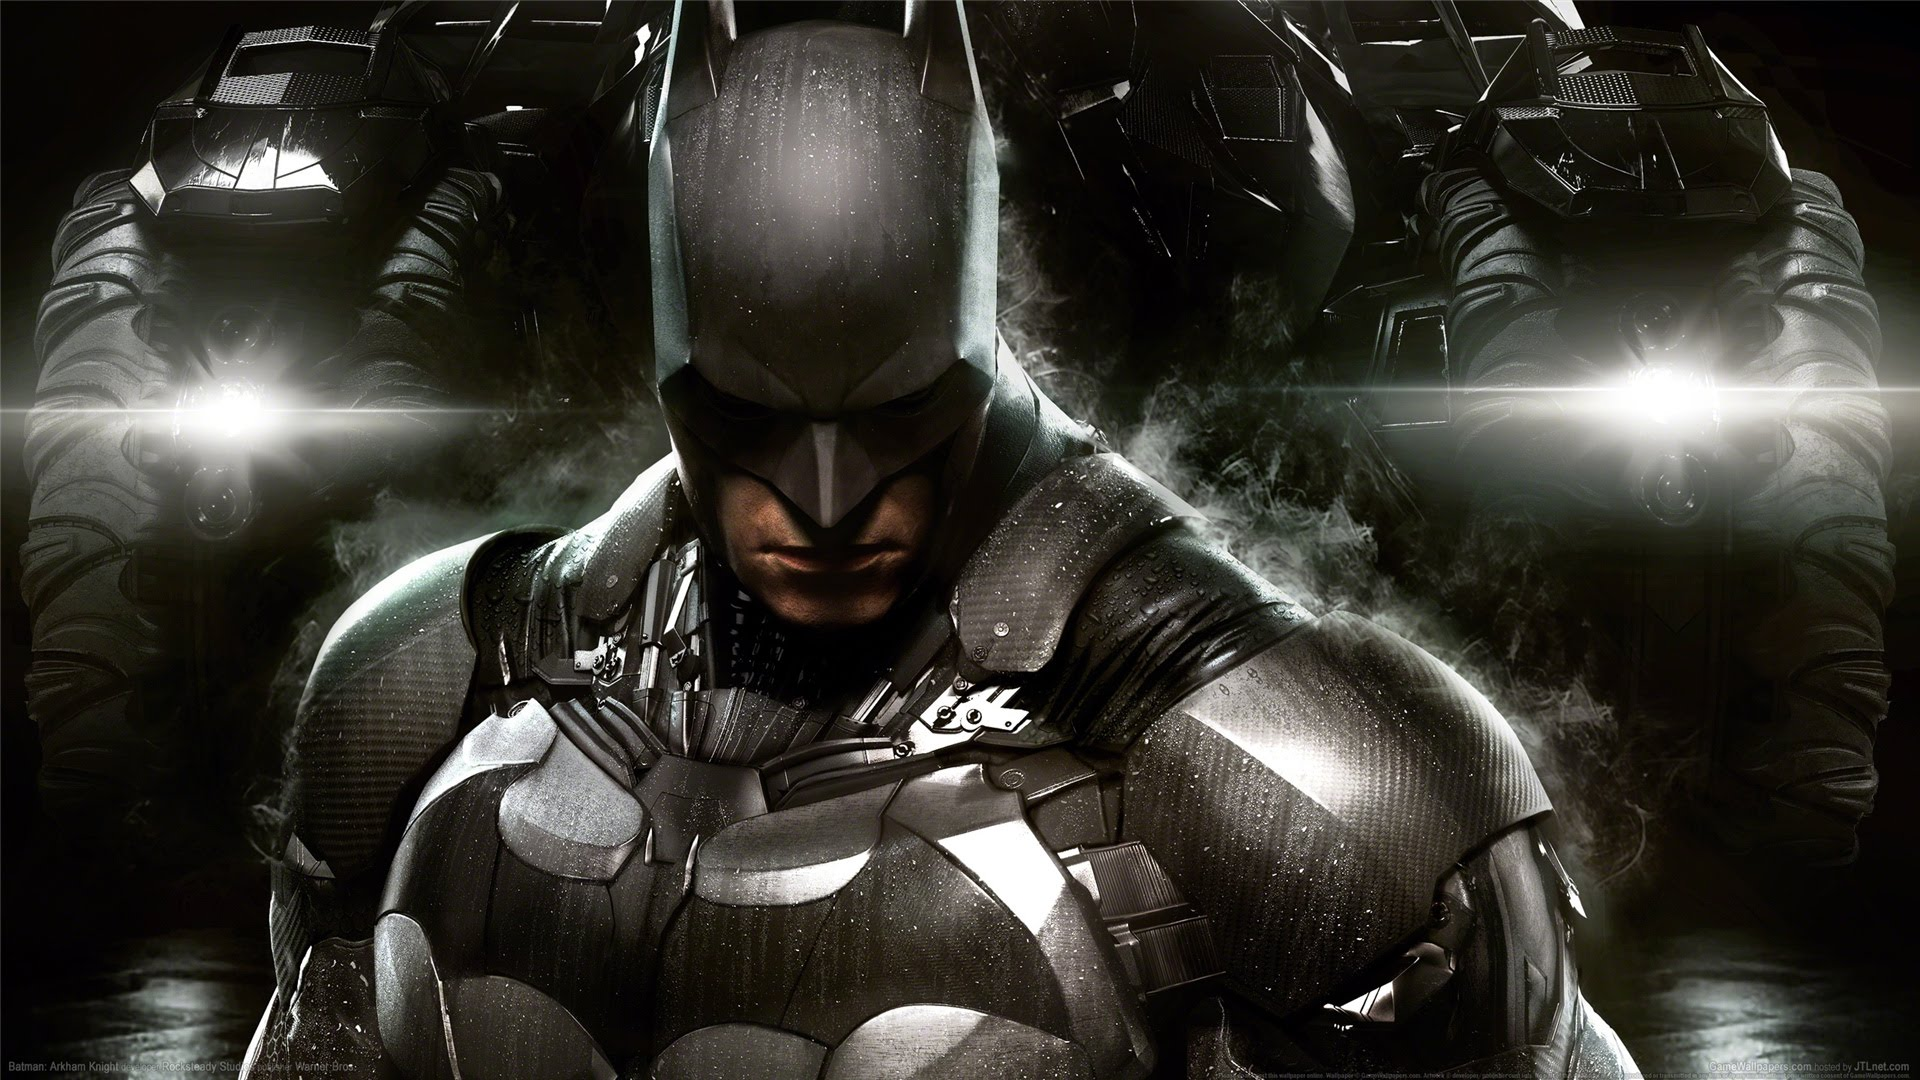 1920x1080 > Batman: Arkham Knight Wallpapers